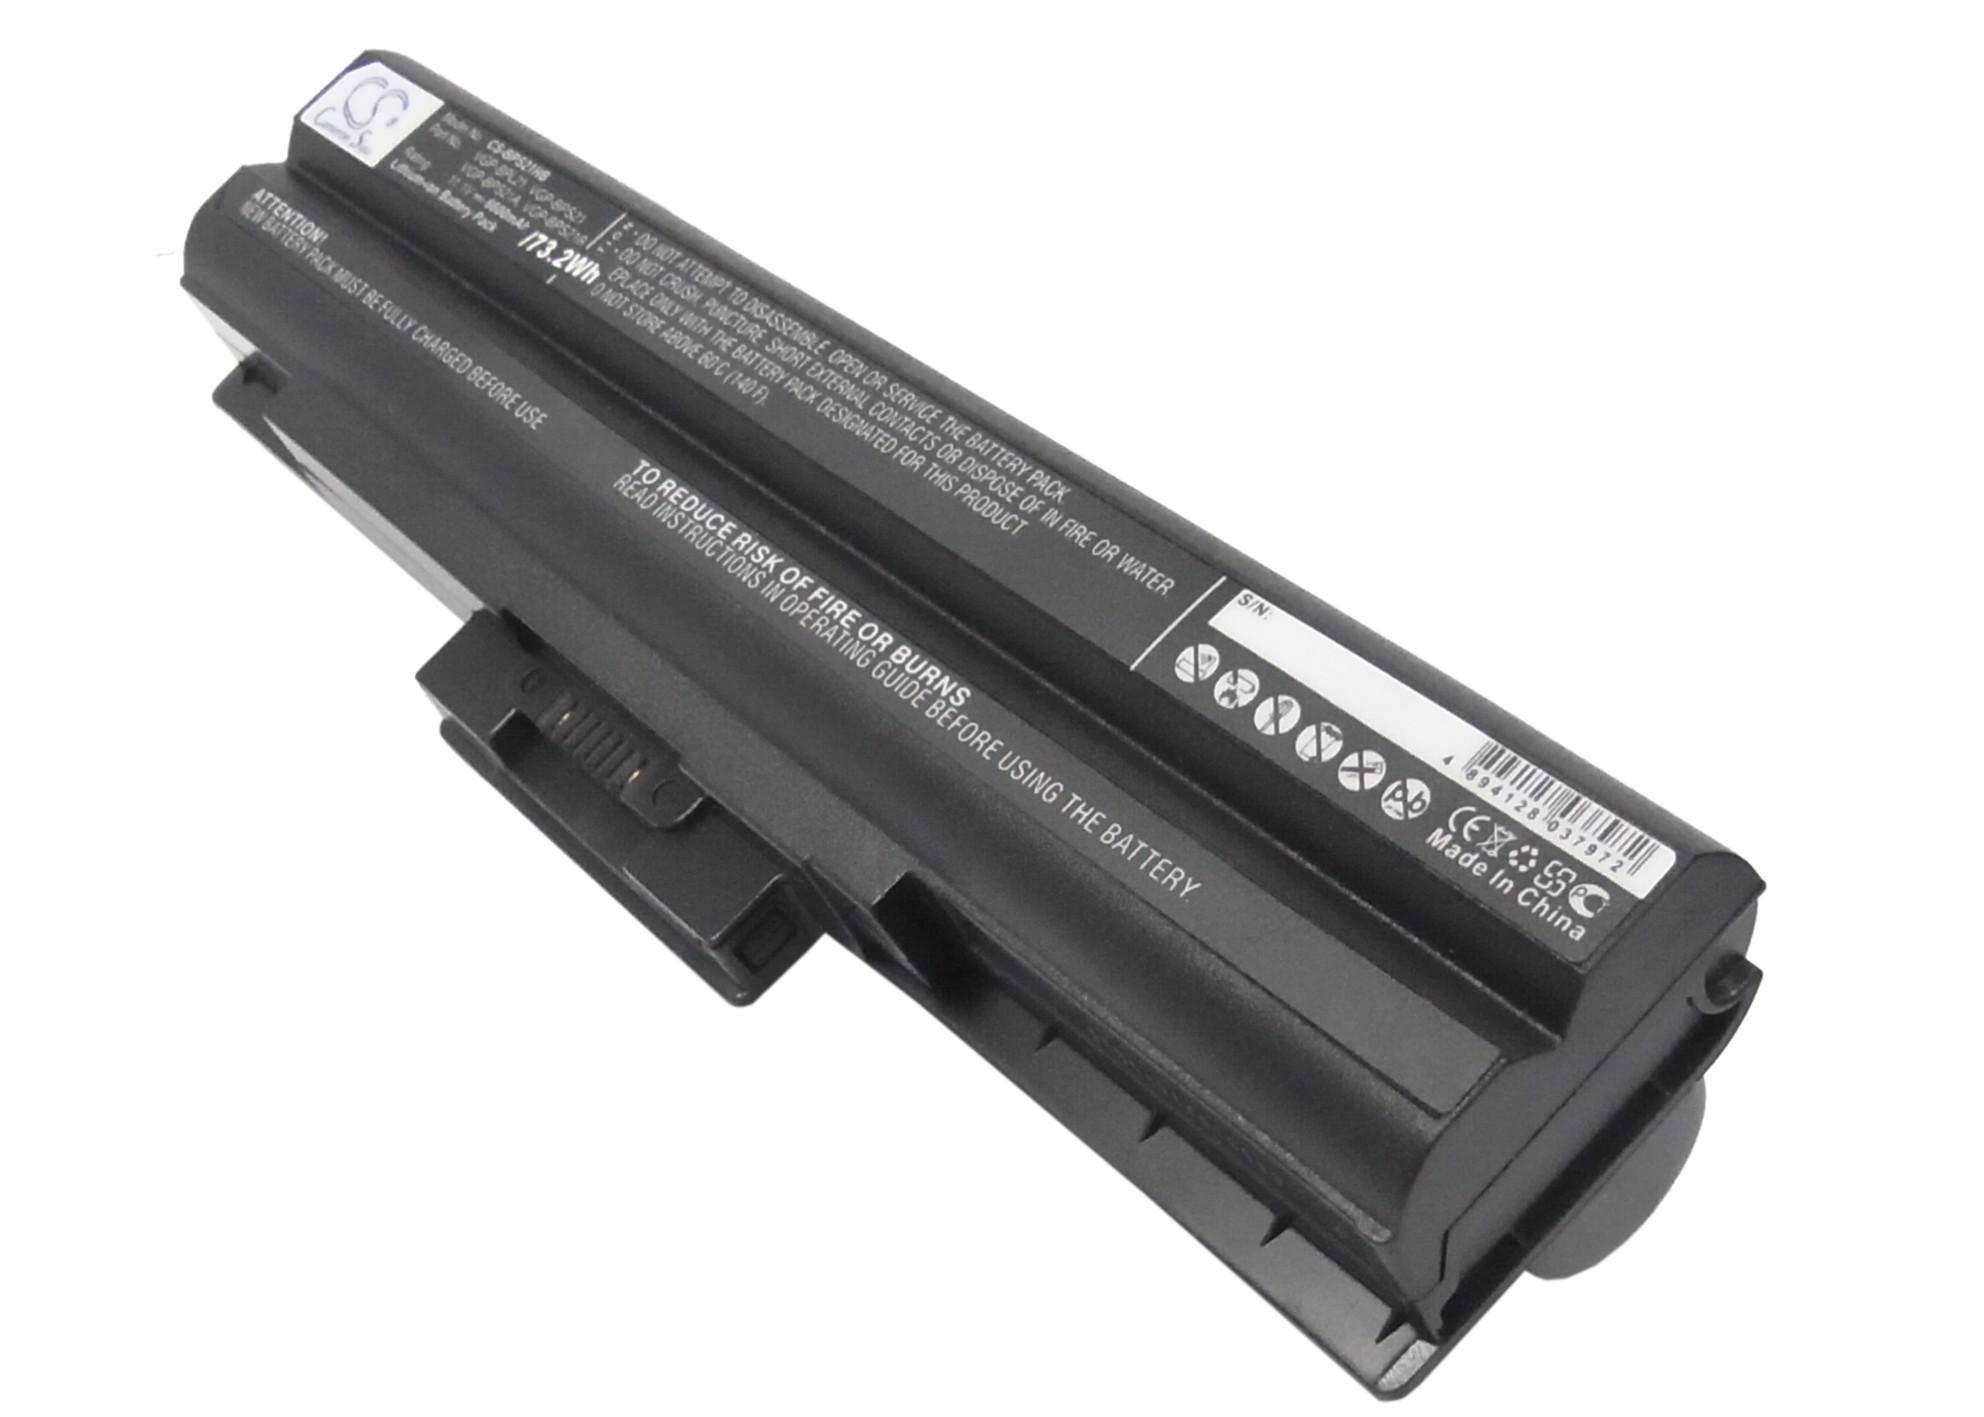 Cameron Sino baterie do notebooků pro SONY VAIO VGN-SR51MF 11.1V Li-ion 6600mAh černá - neoriginální